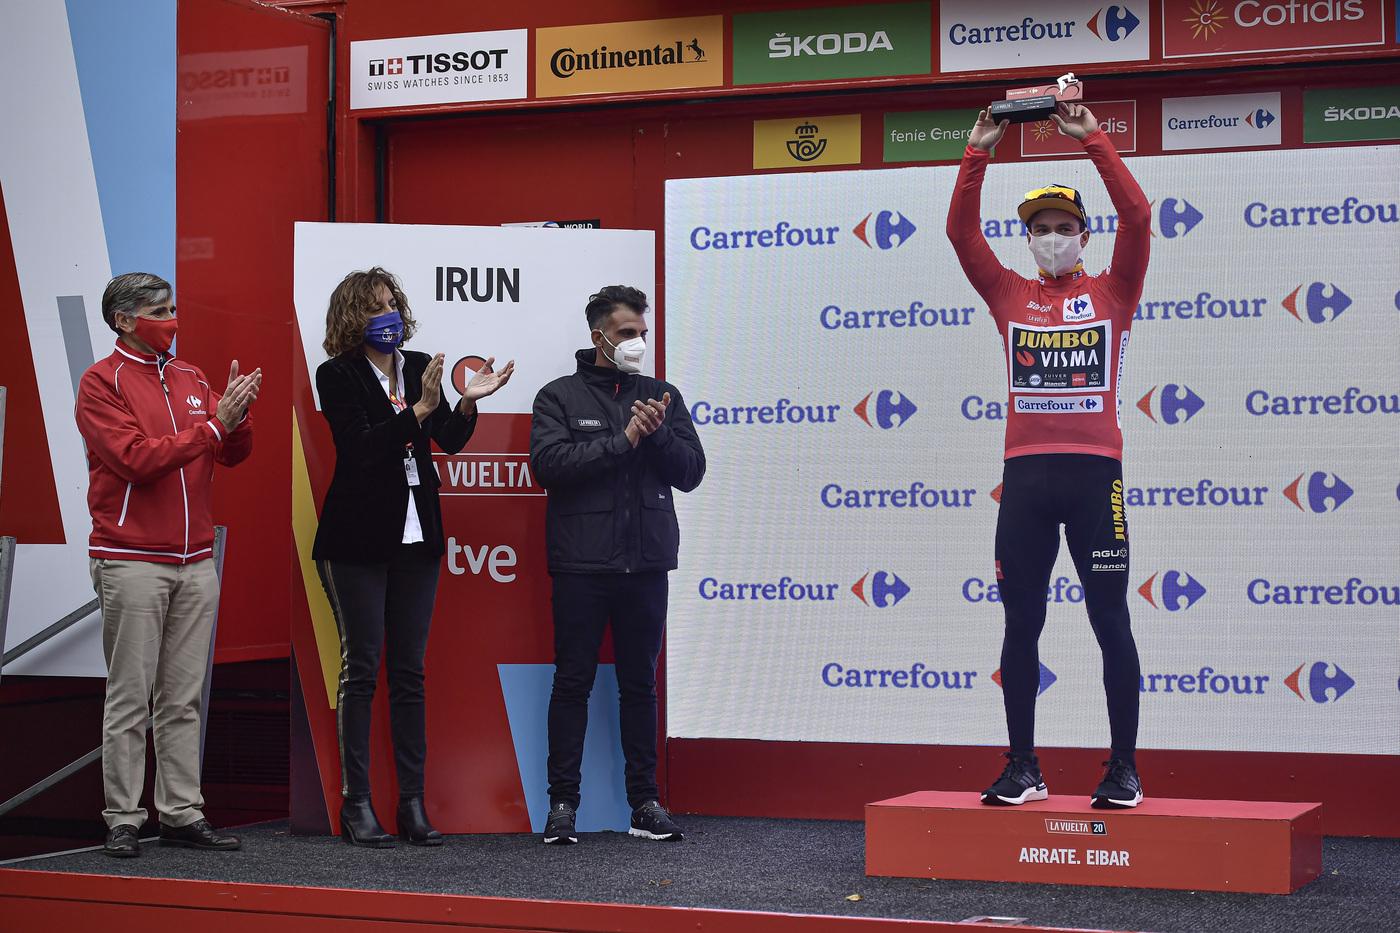 """Classifica Vuelta a España 2020, seconda tappa: Roglic rafforza la maglia rossa. Martin a 11"""", Carapaz a 17"""""""